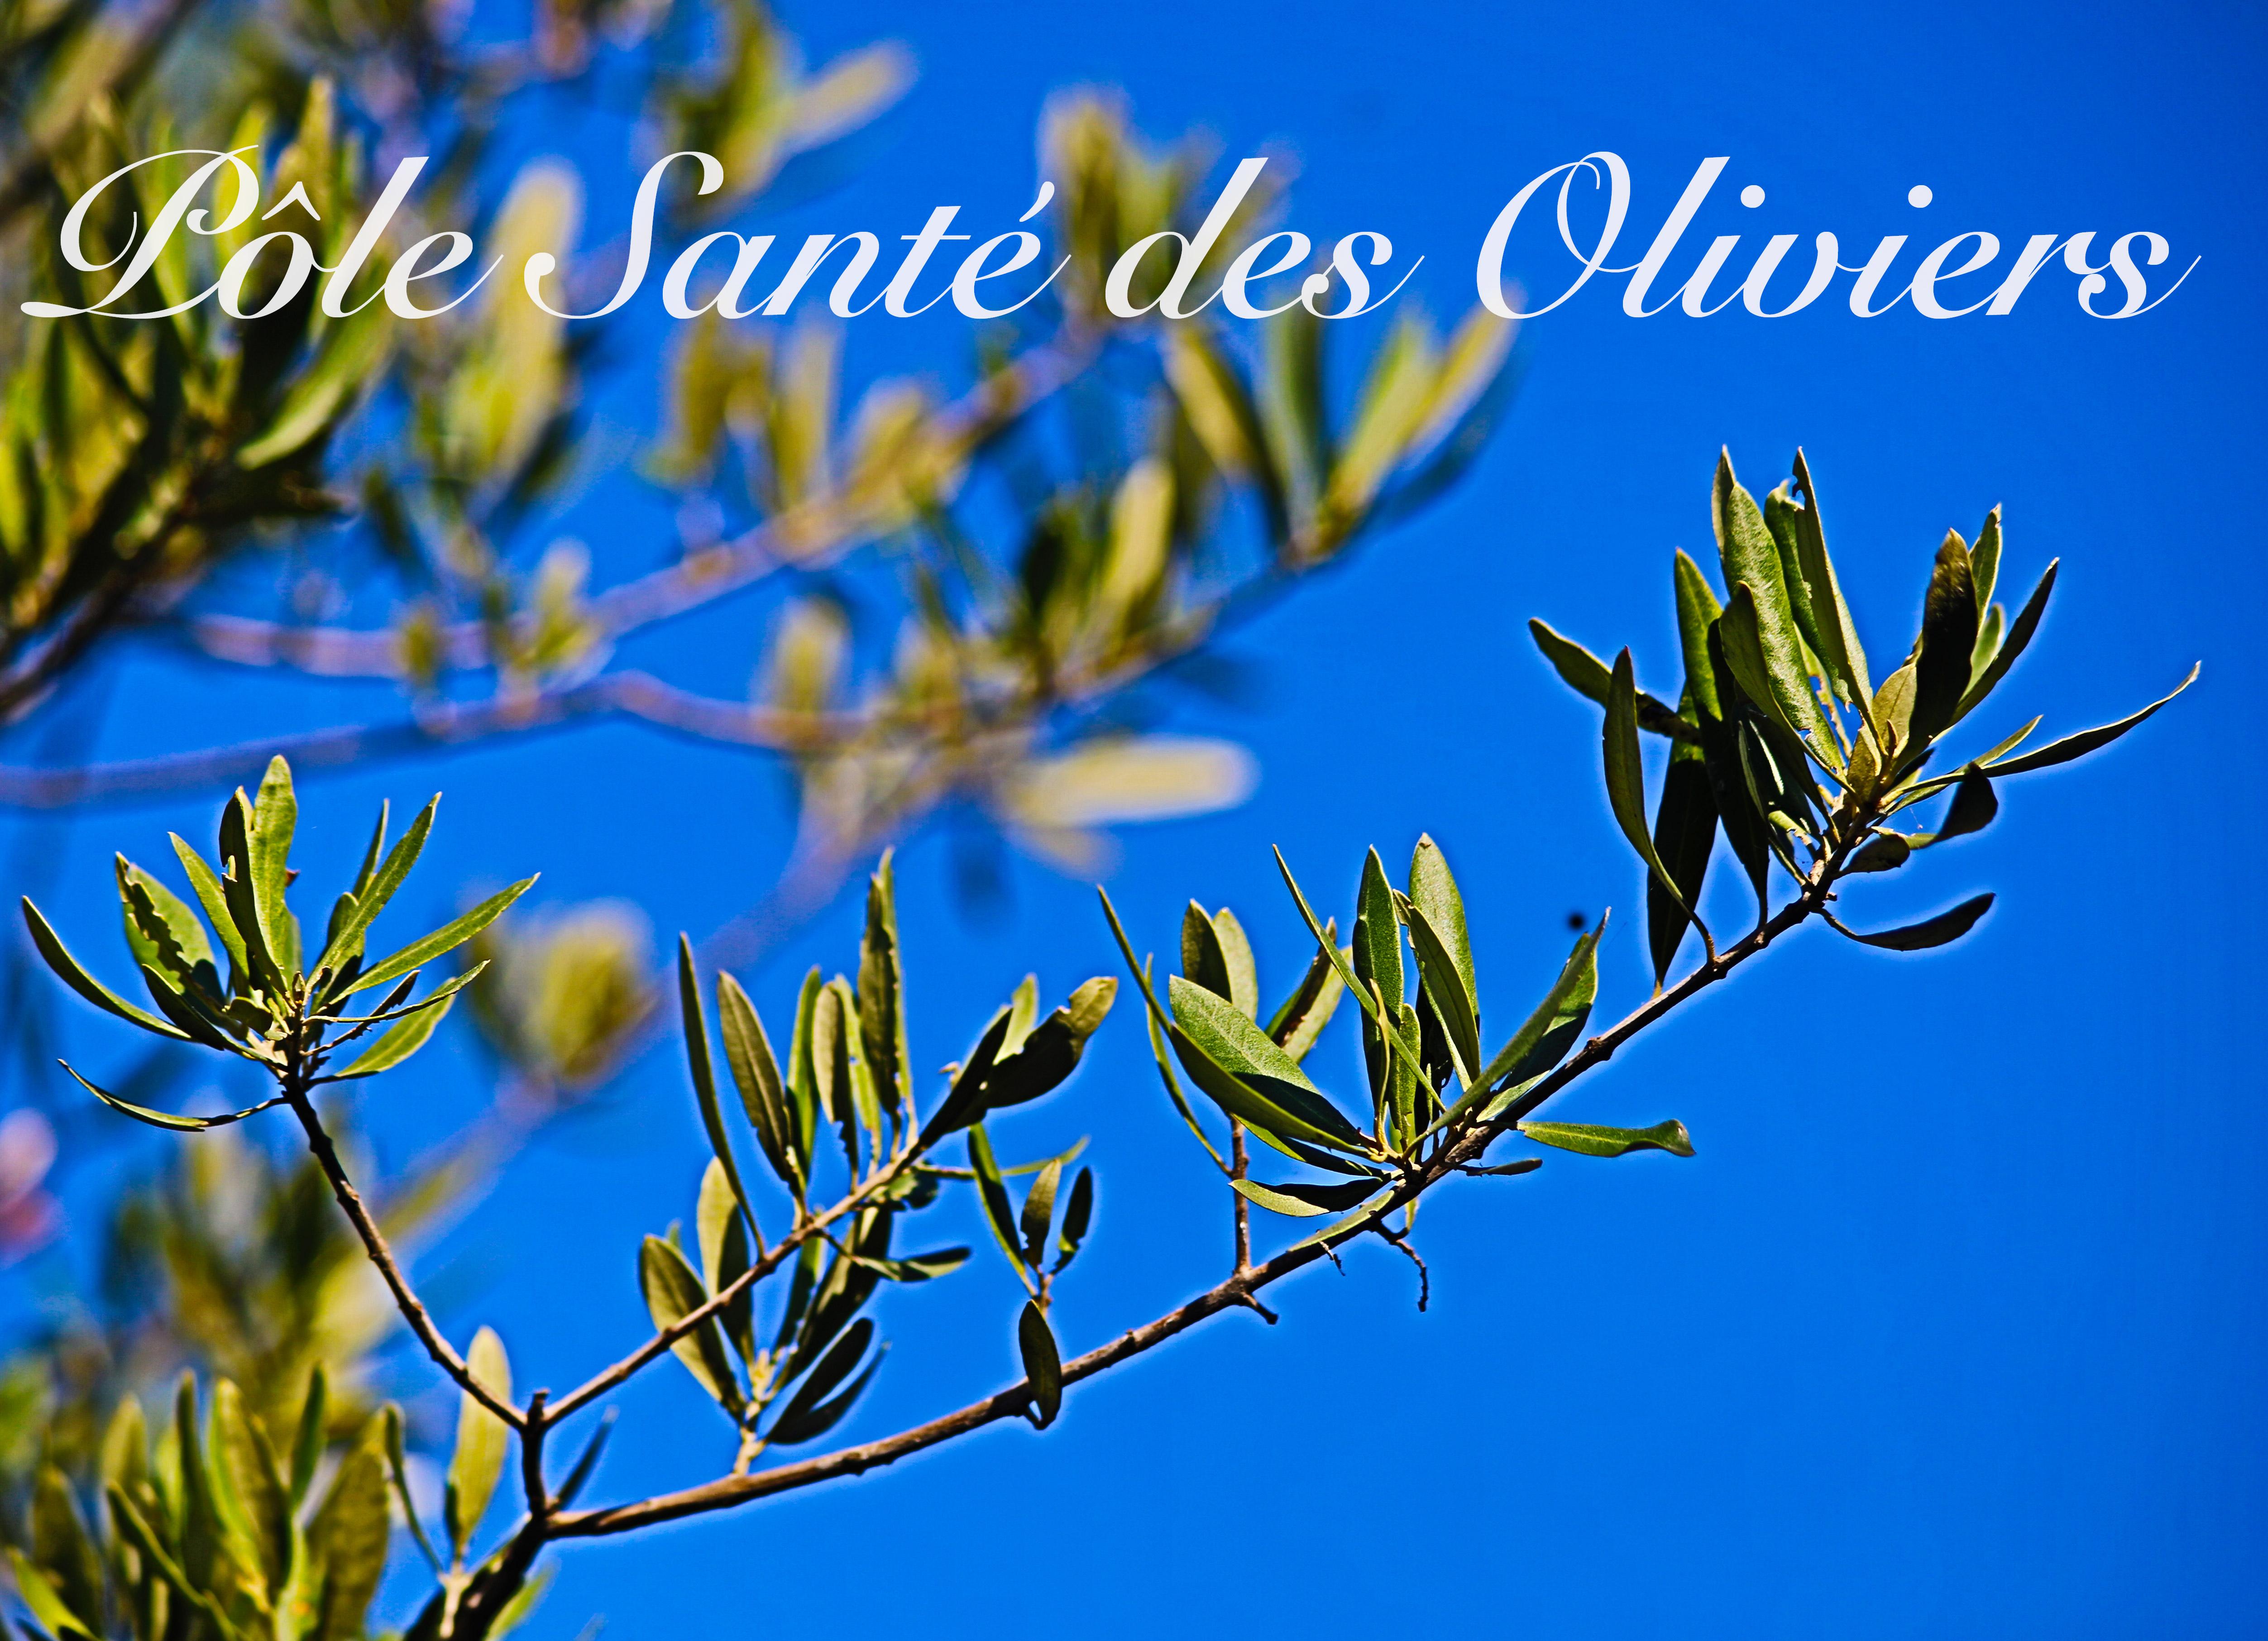 Pole santé des oliviers, Nicolas REYMOND, Claire DAMATTE-FAUCHERY, Elisa BOUTELLIER, Cécile RAUER